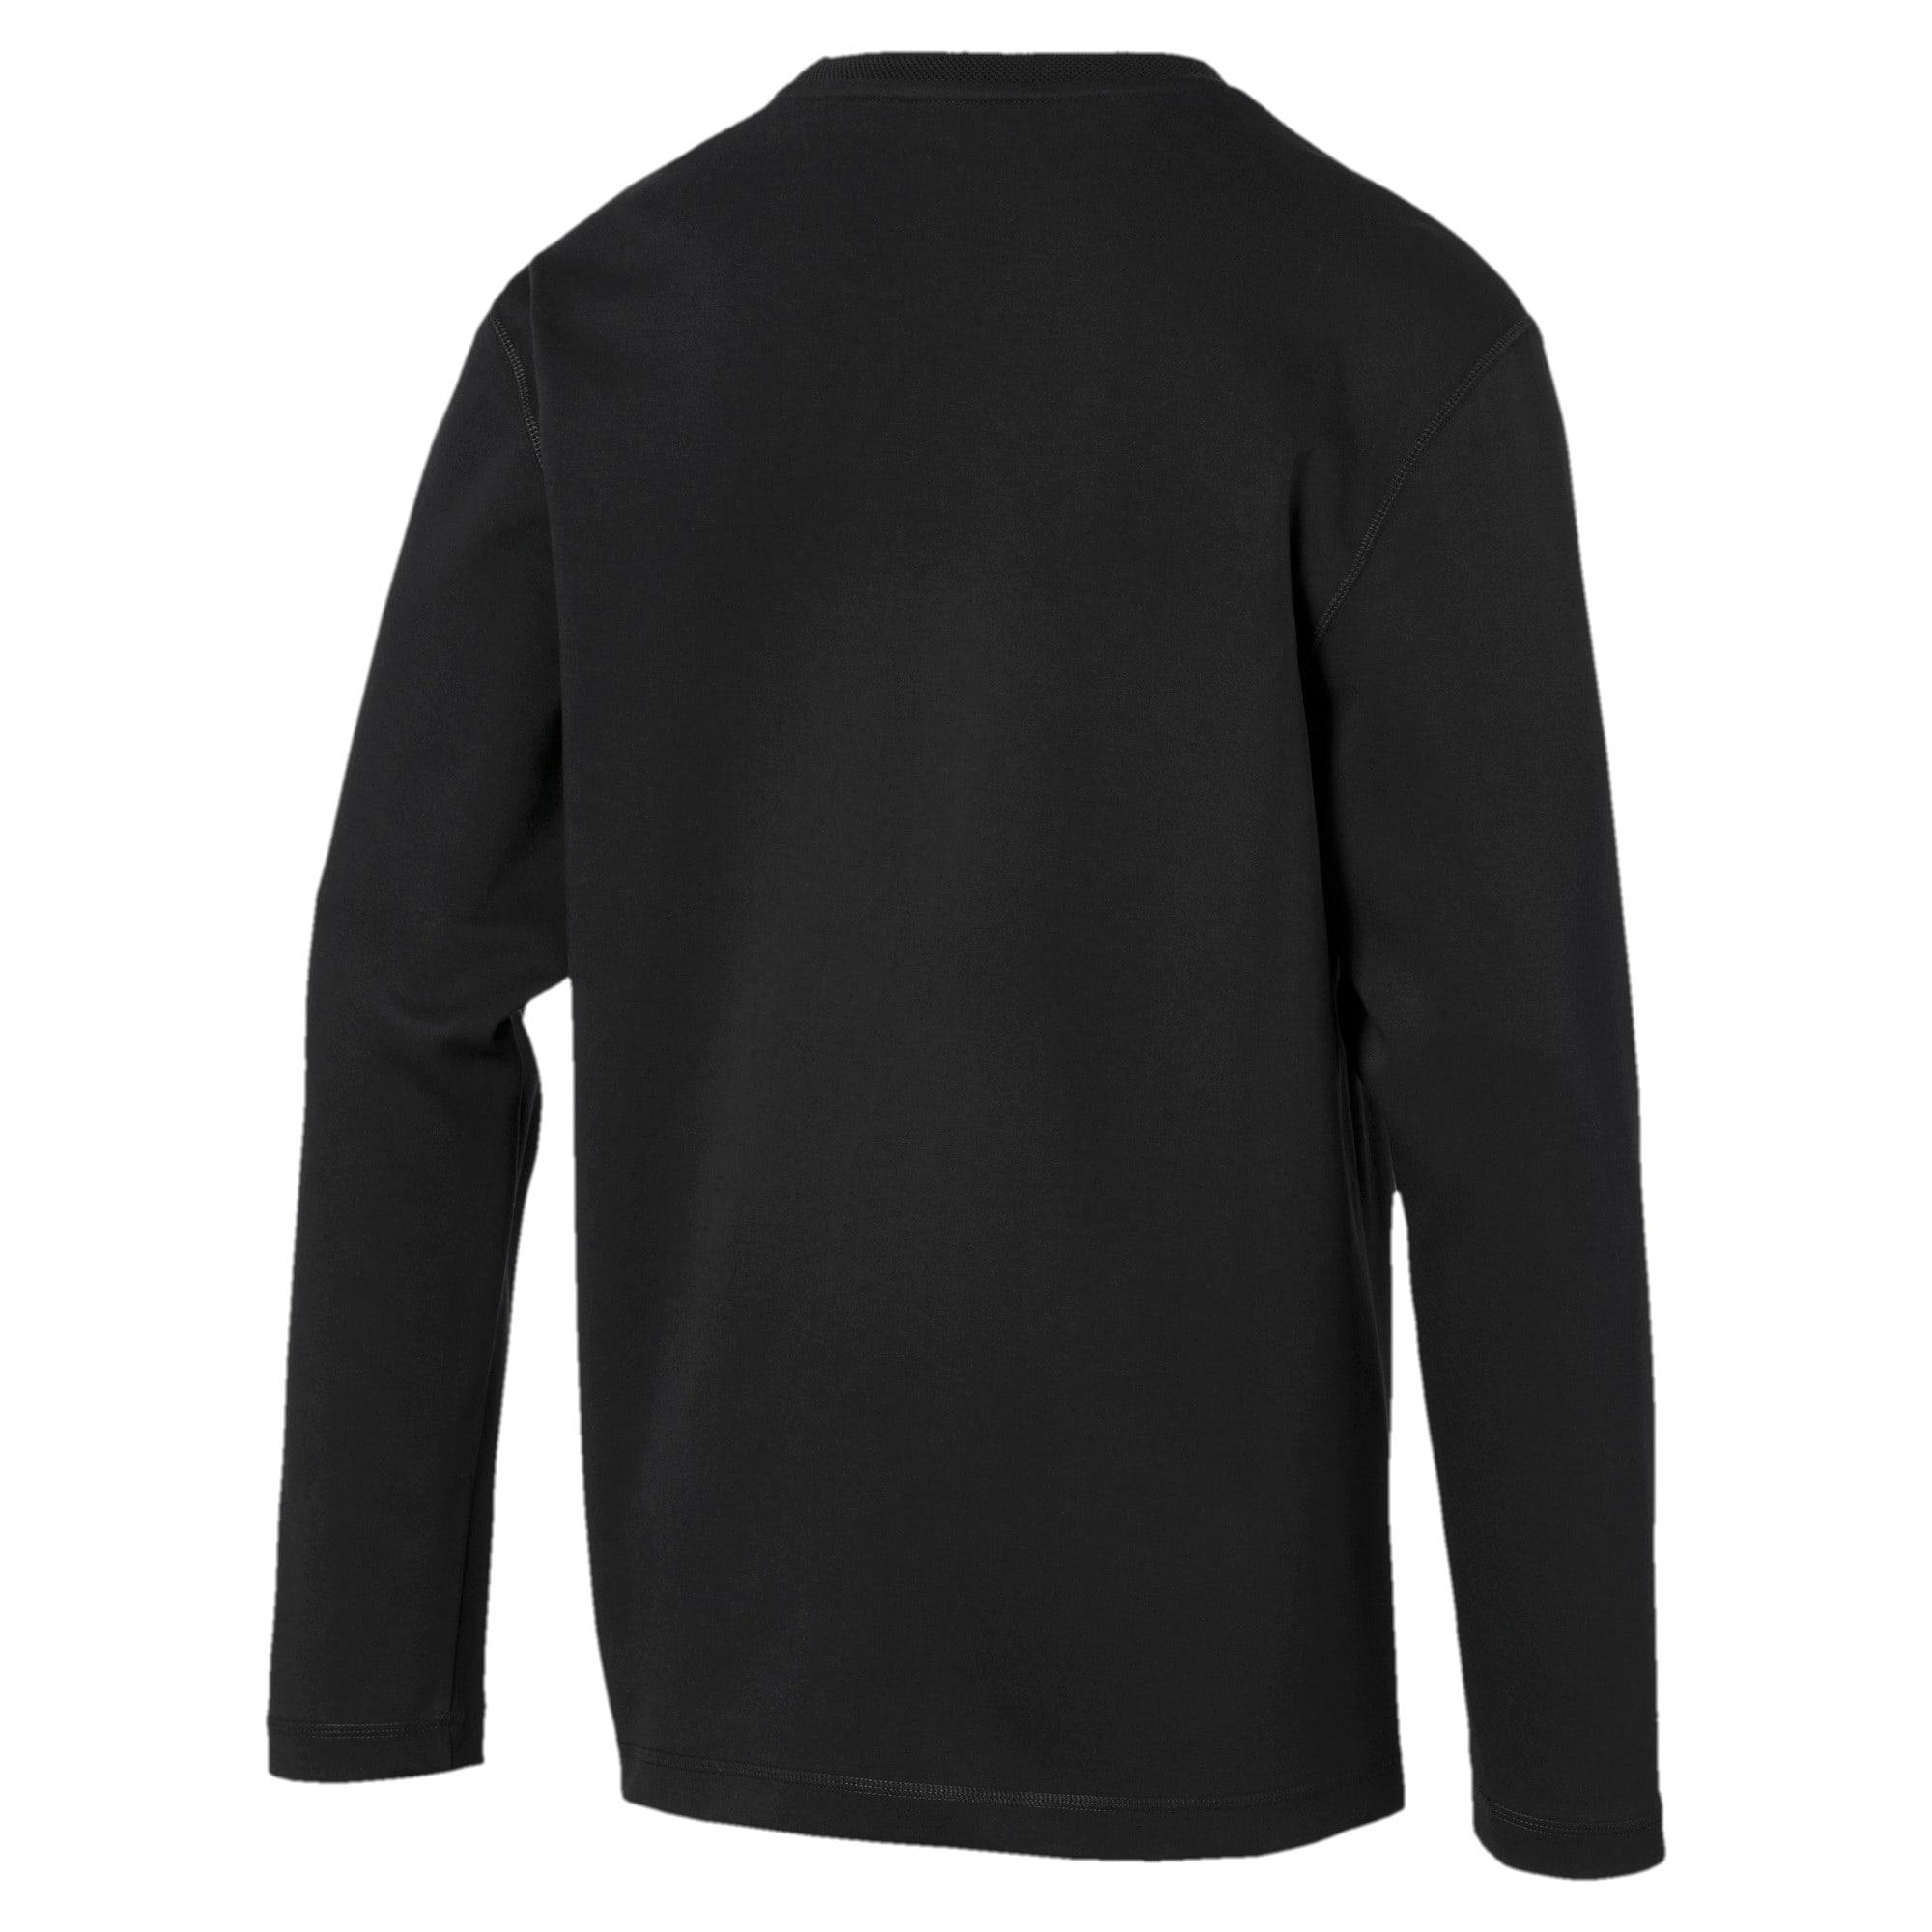 Thumbnail 5 of Fusion Crew Neck Men's Sweater, Puma Black, medium